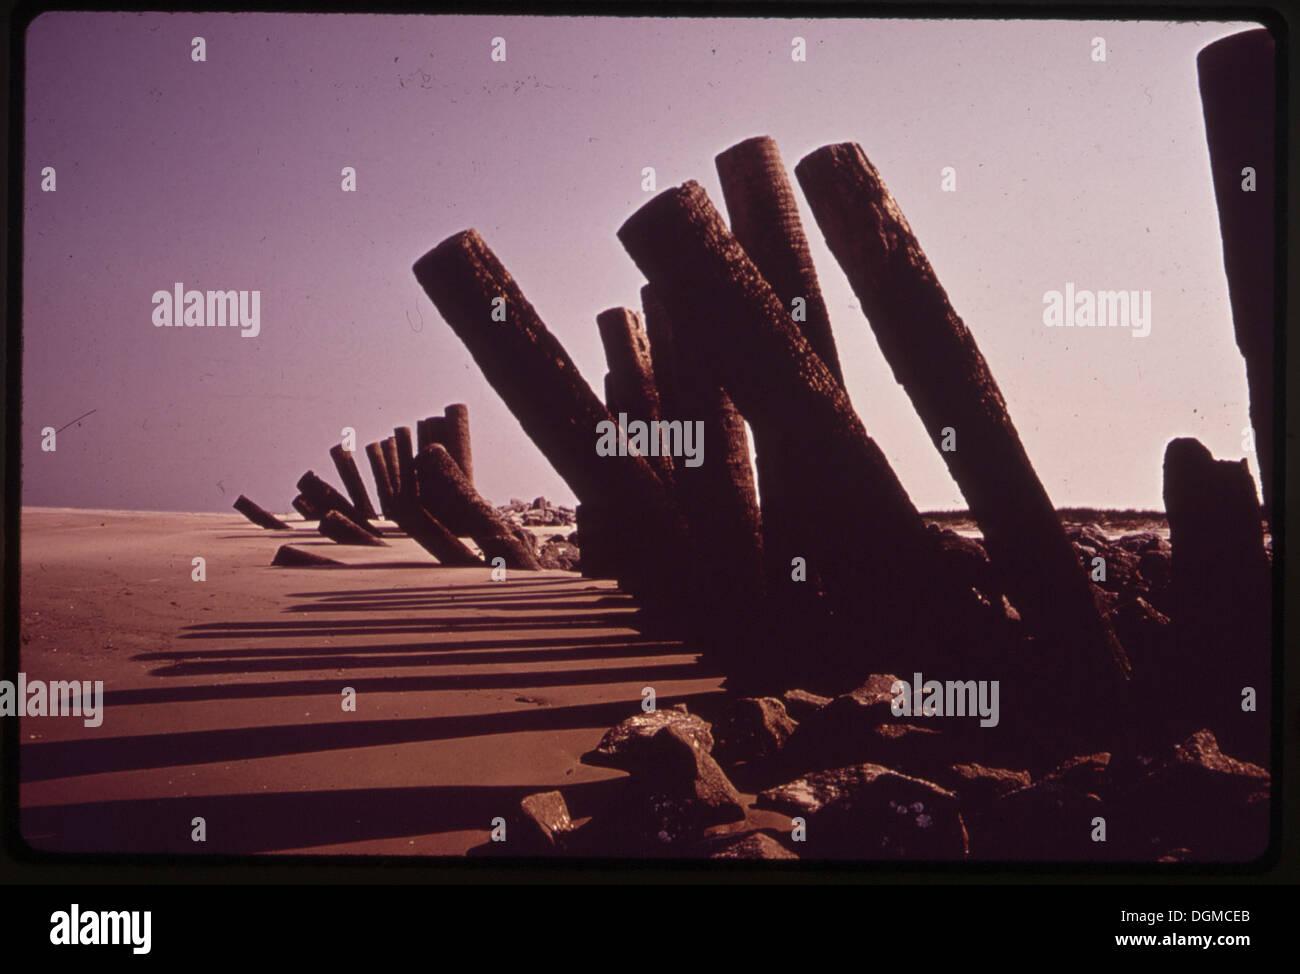 Les clôtures pour stopper l'ÉROSION DE LA PLAGE N'A PAS RÉUSSI SUR FRIPP ISLAND. L'île, CONNECTÉ À ST. HELENA'S PAR A... 546961 Photo Stock